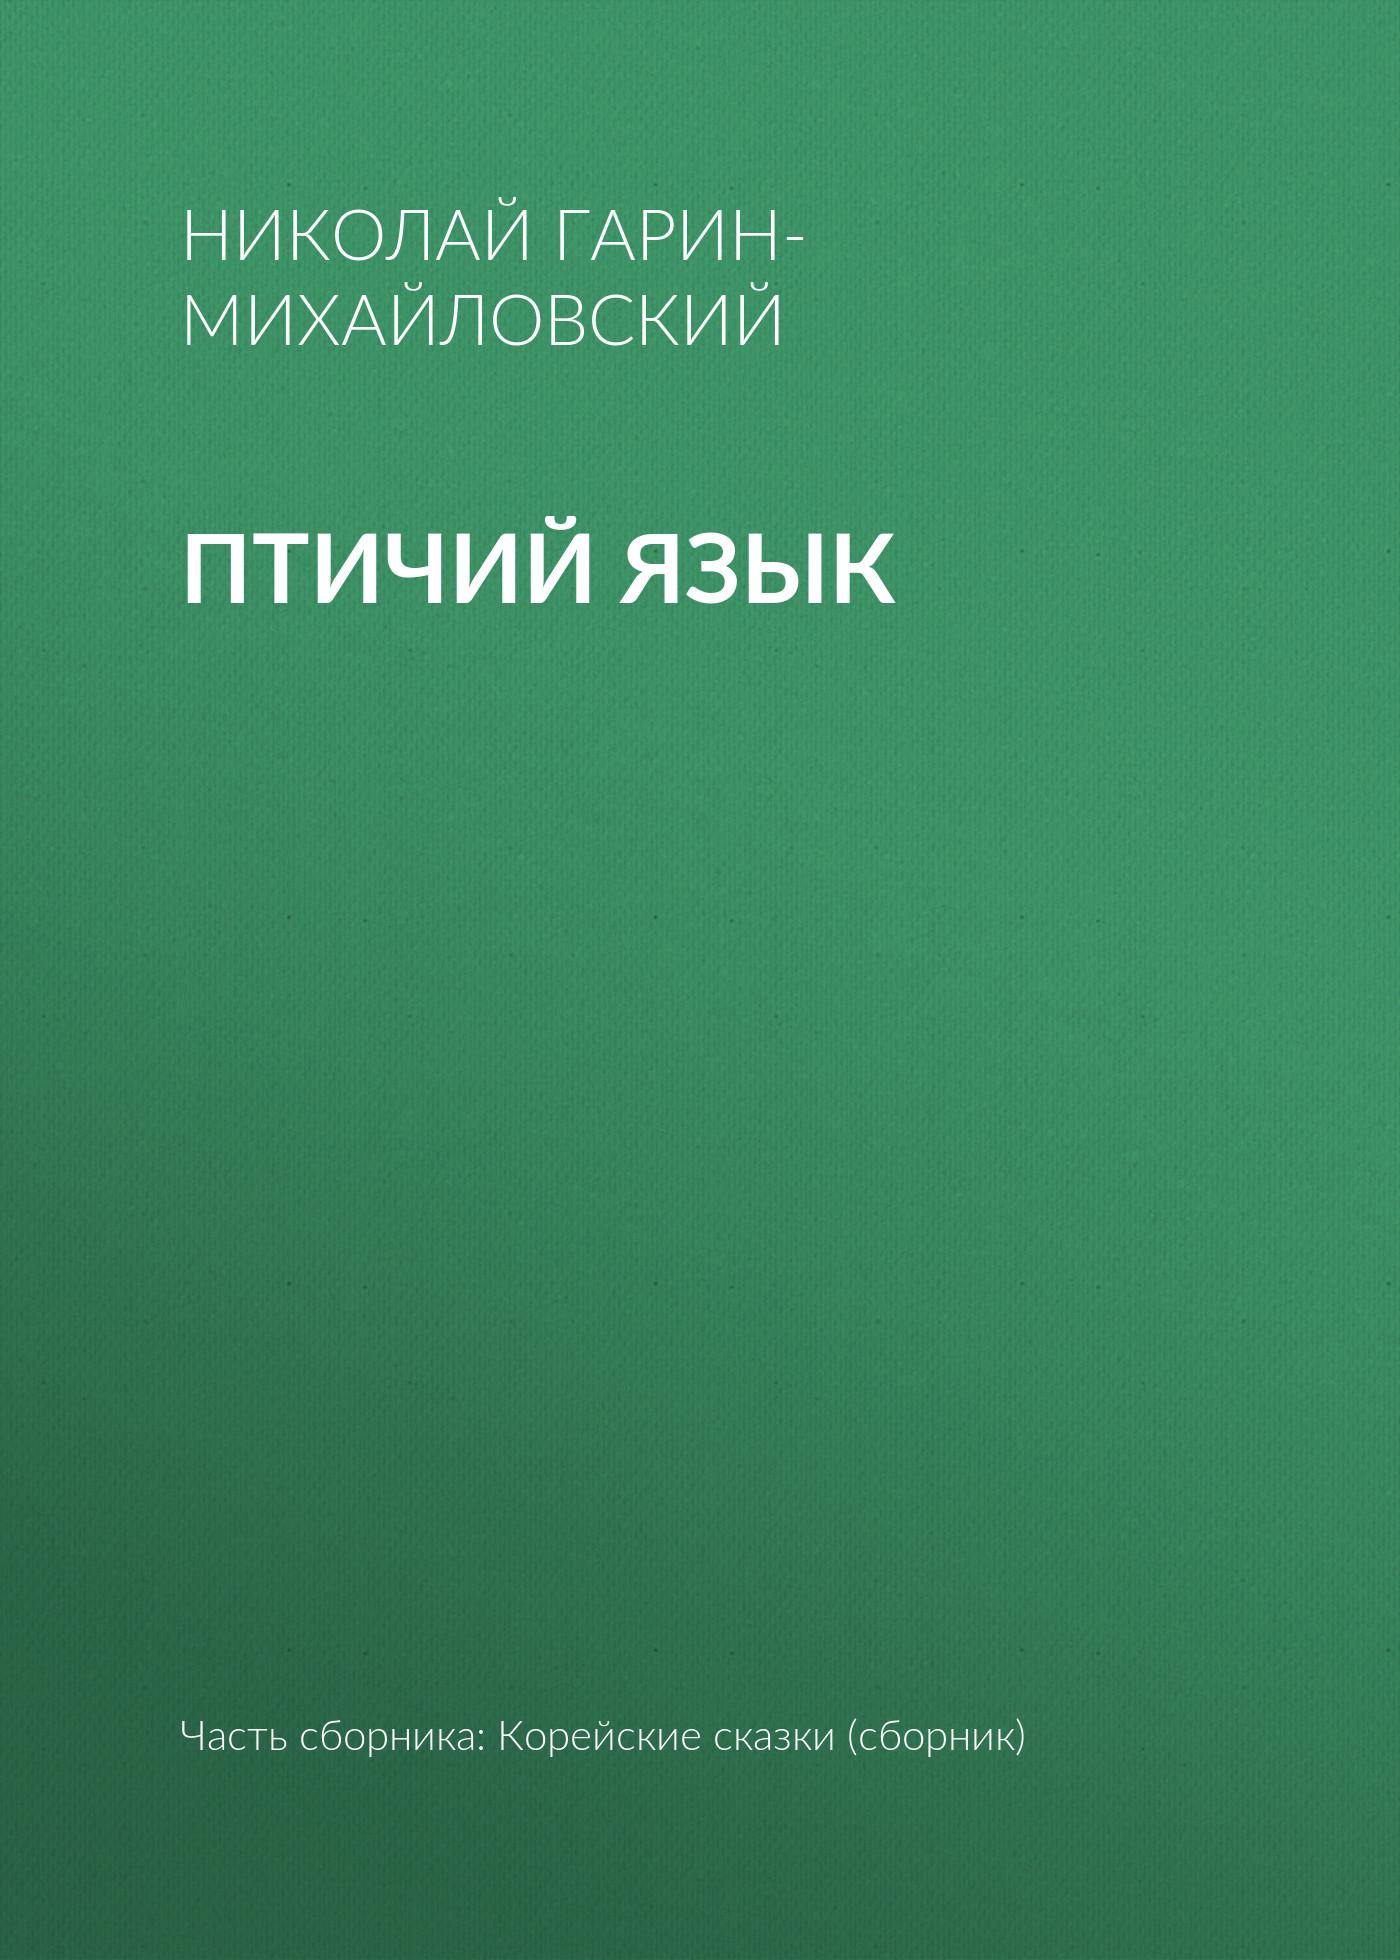 Николай Гарин-Михайловский Птичий язык николай гарин михайловский птичий язык